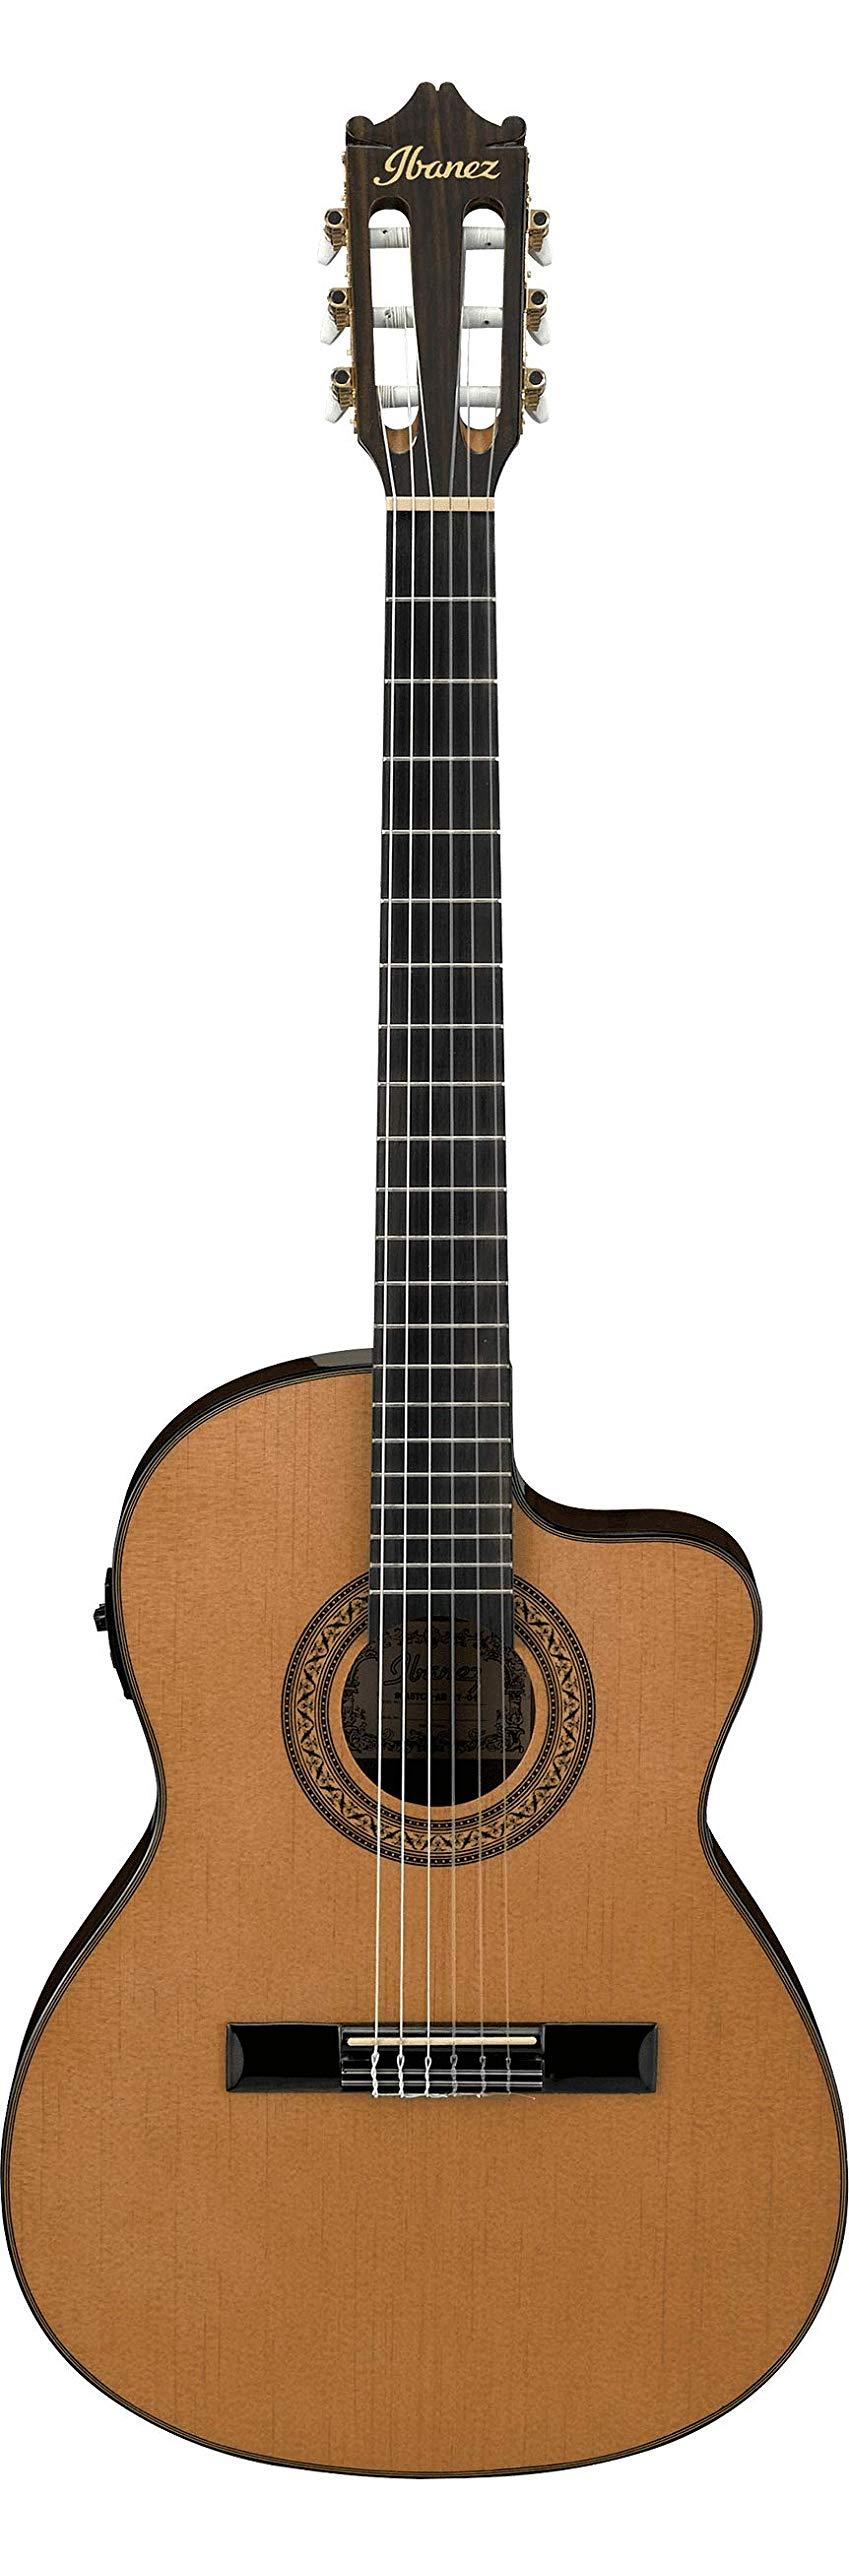 Ibanez GA5TCE-AM - Guitarra clásica electrificada: Amazon.es: Instrumentos musicales